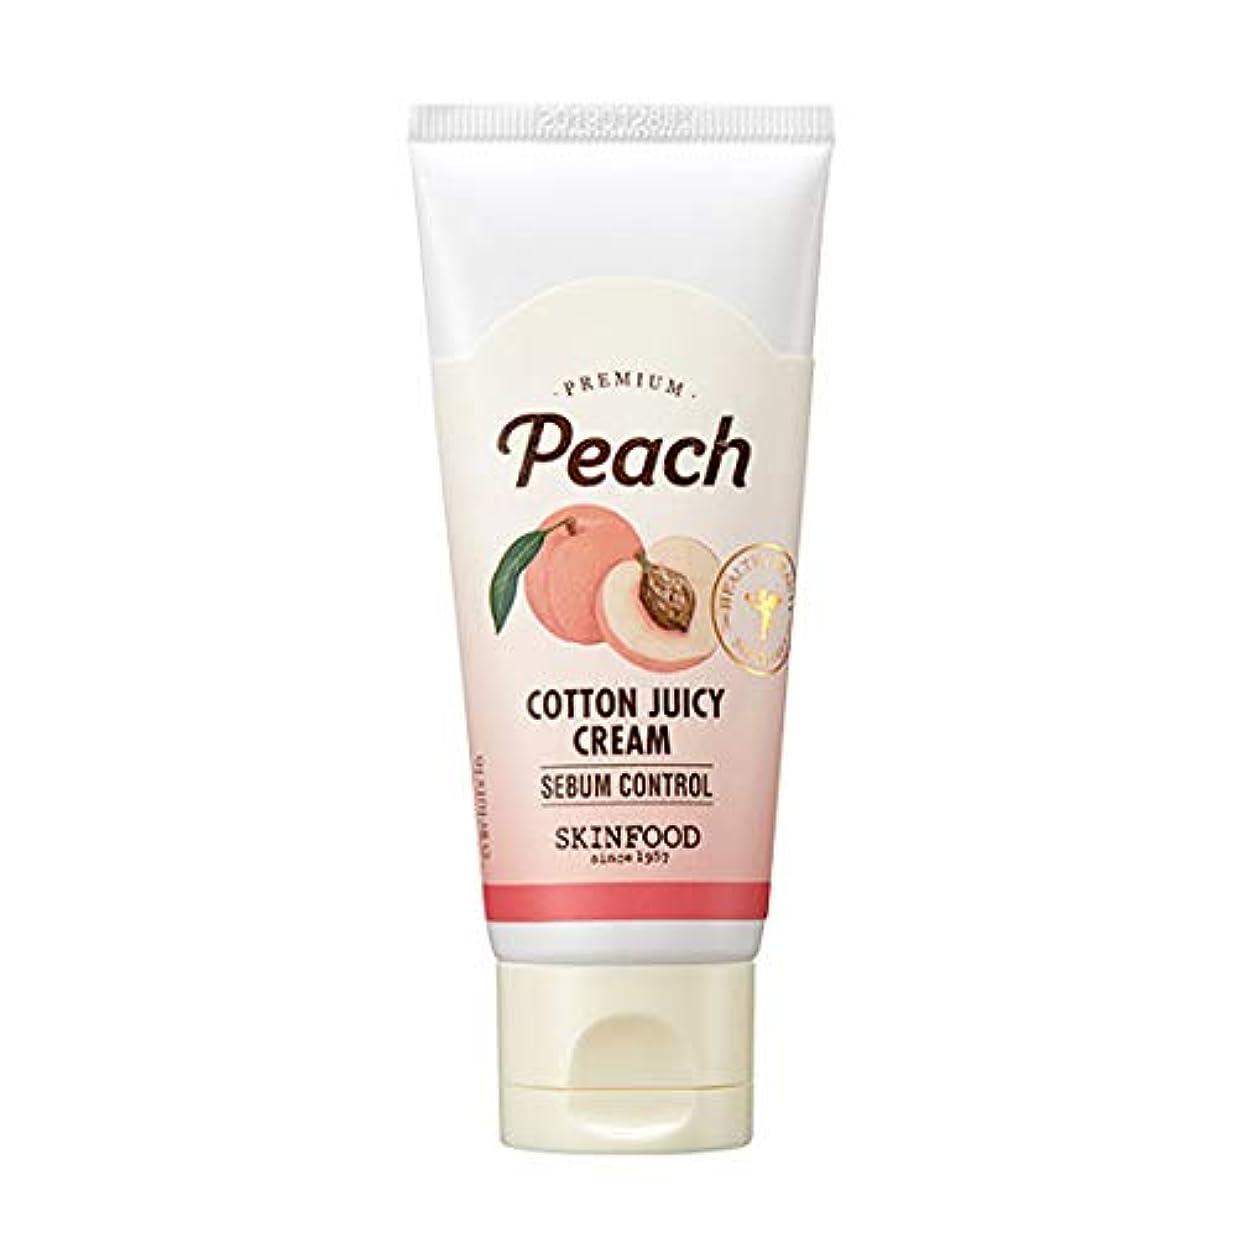 密度改善上院Skinfood プレミアムピーチコットンジューシークリーム/Premium Peach Cotton Juicy Cream 60ml [並行輸入品]